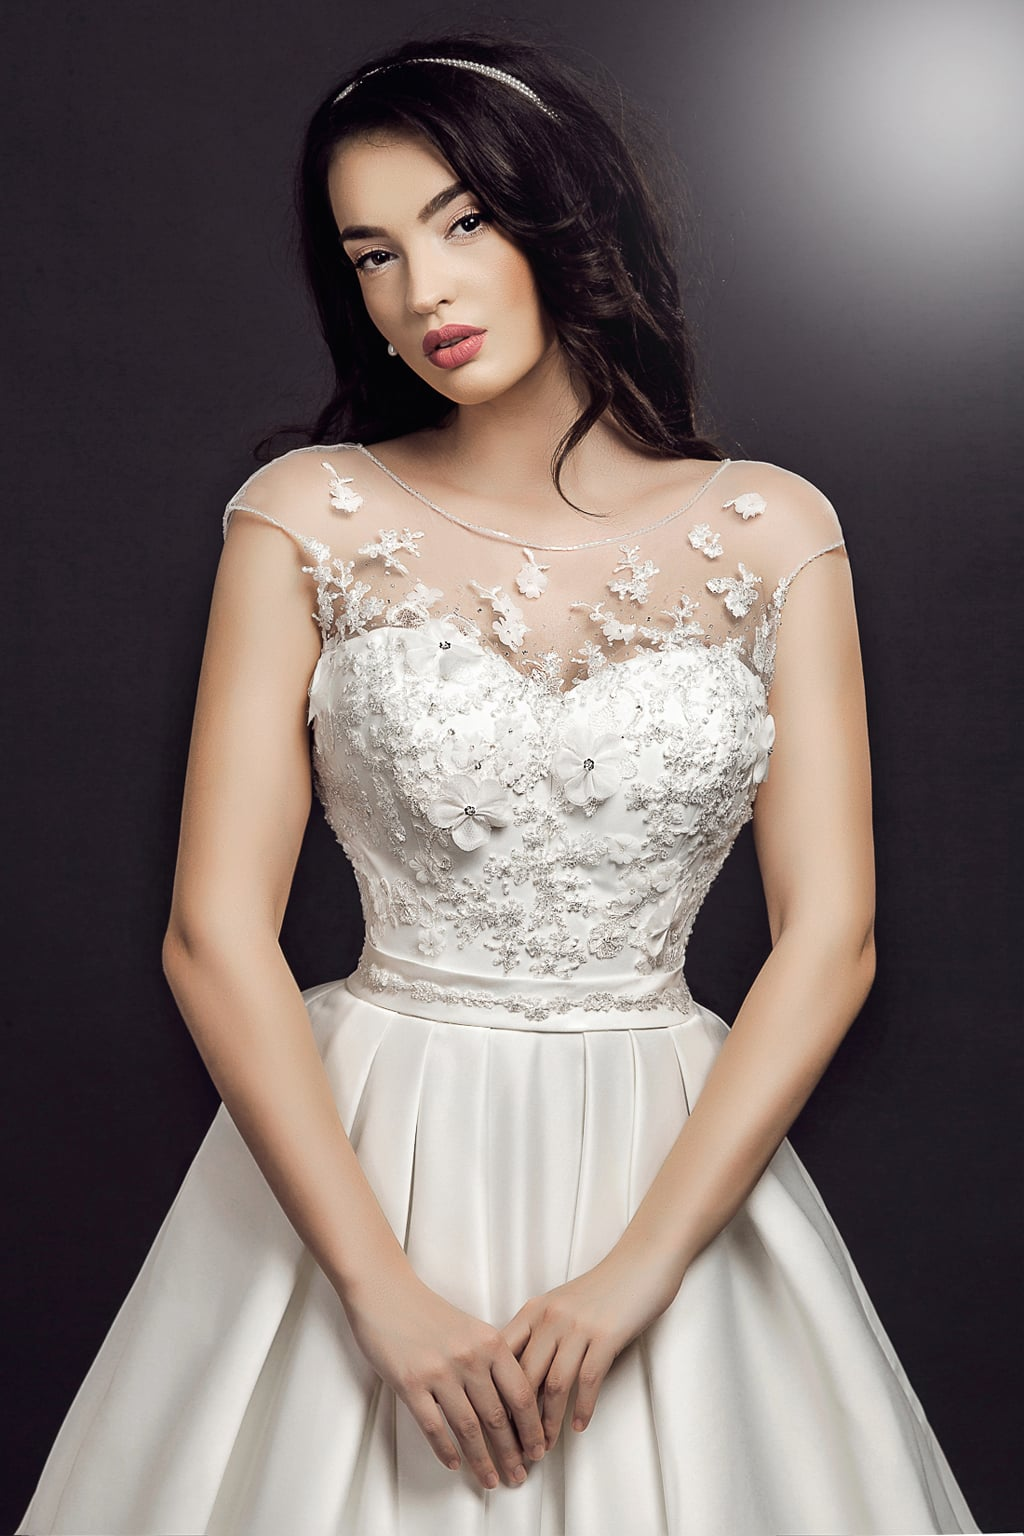 Rochie de mireasa Primavera Model - Colectia Dreams - Adora Sposa (3)